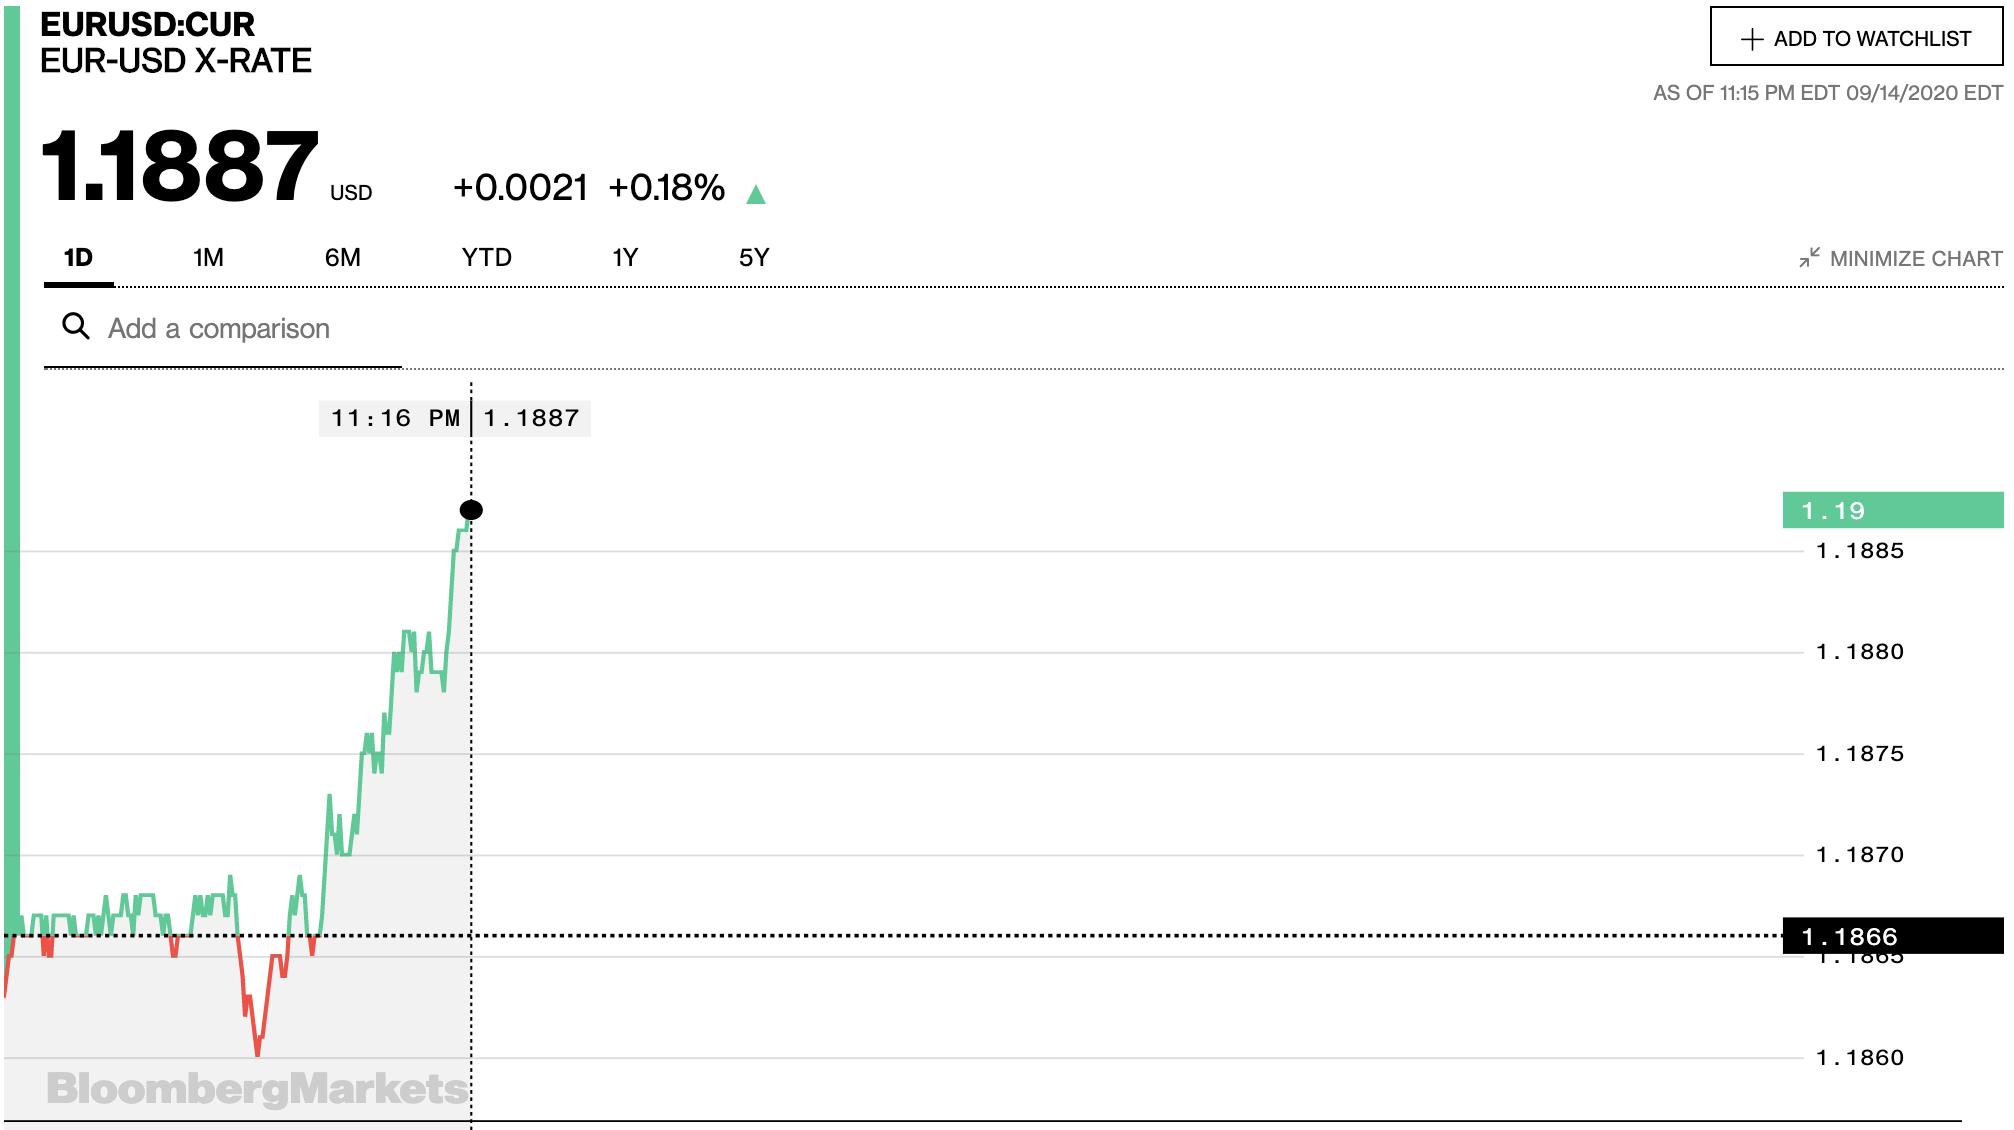 Tỷ giá euro hôm nay 15/9: Tăng đồng loạt tại các ngân hàng trong nước và thị trường chợ đen - Ảnh 2.